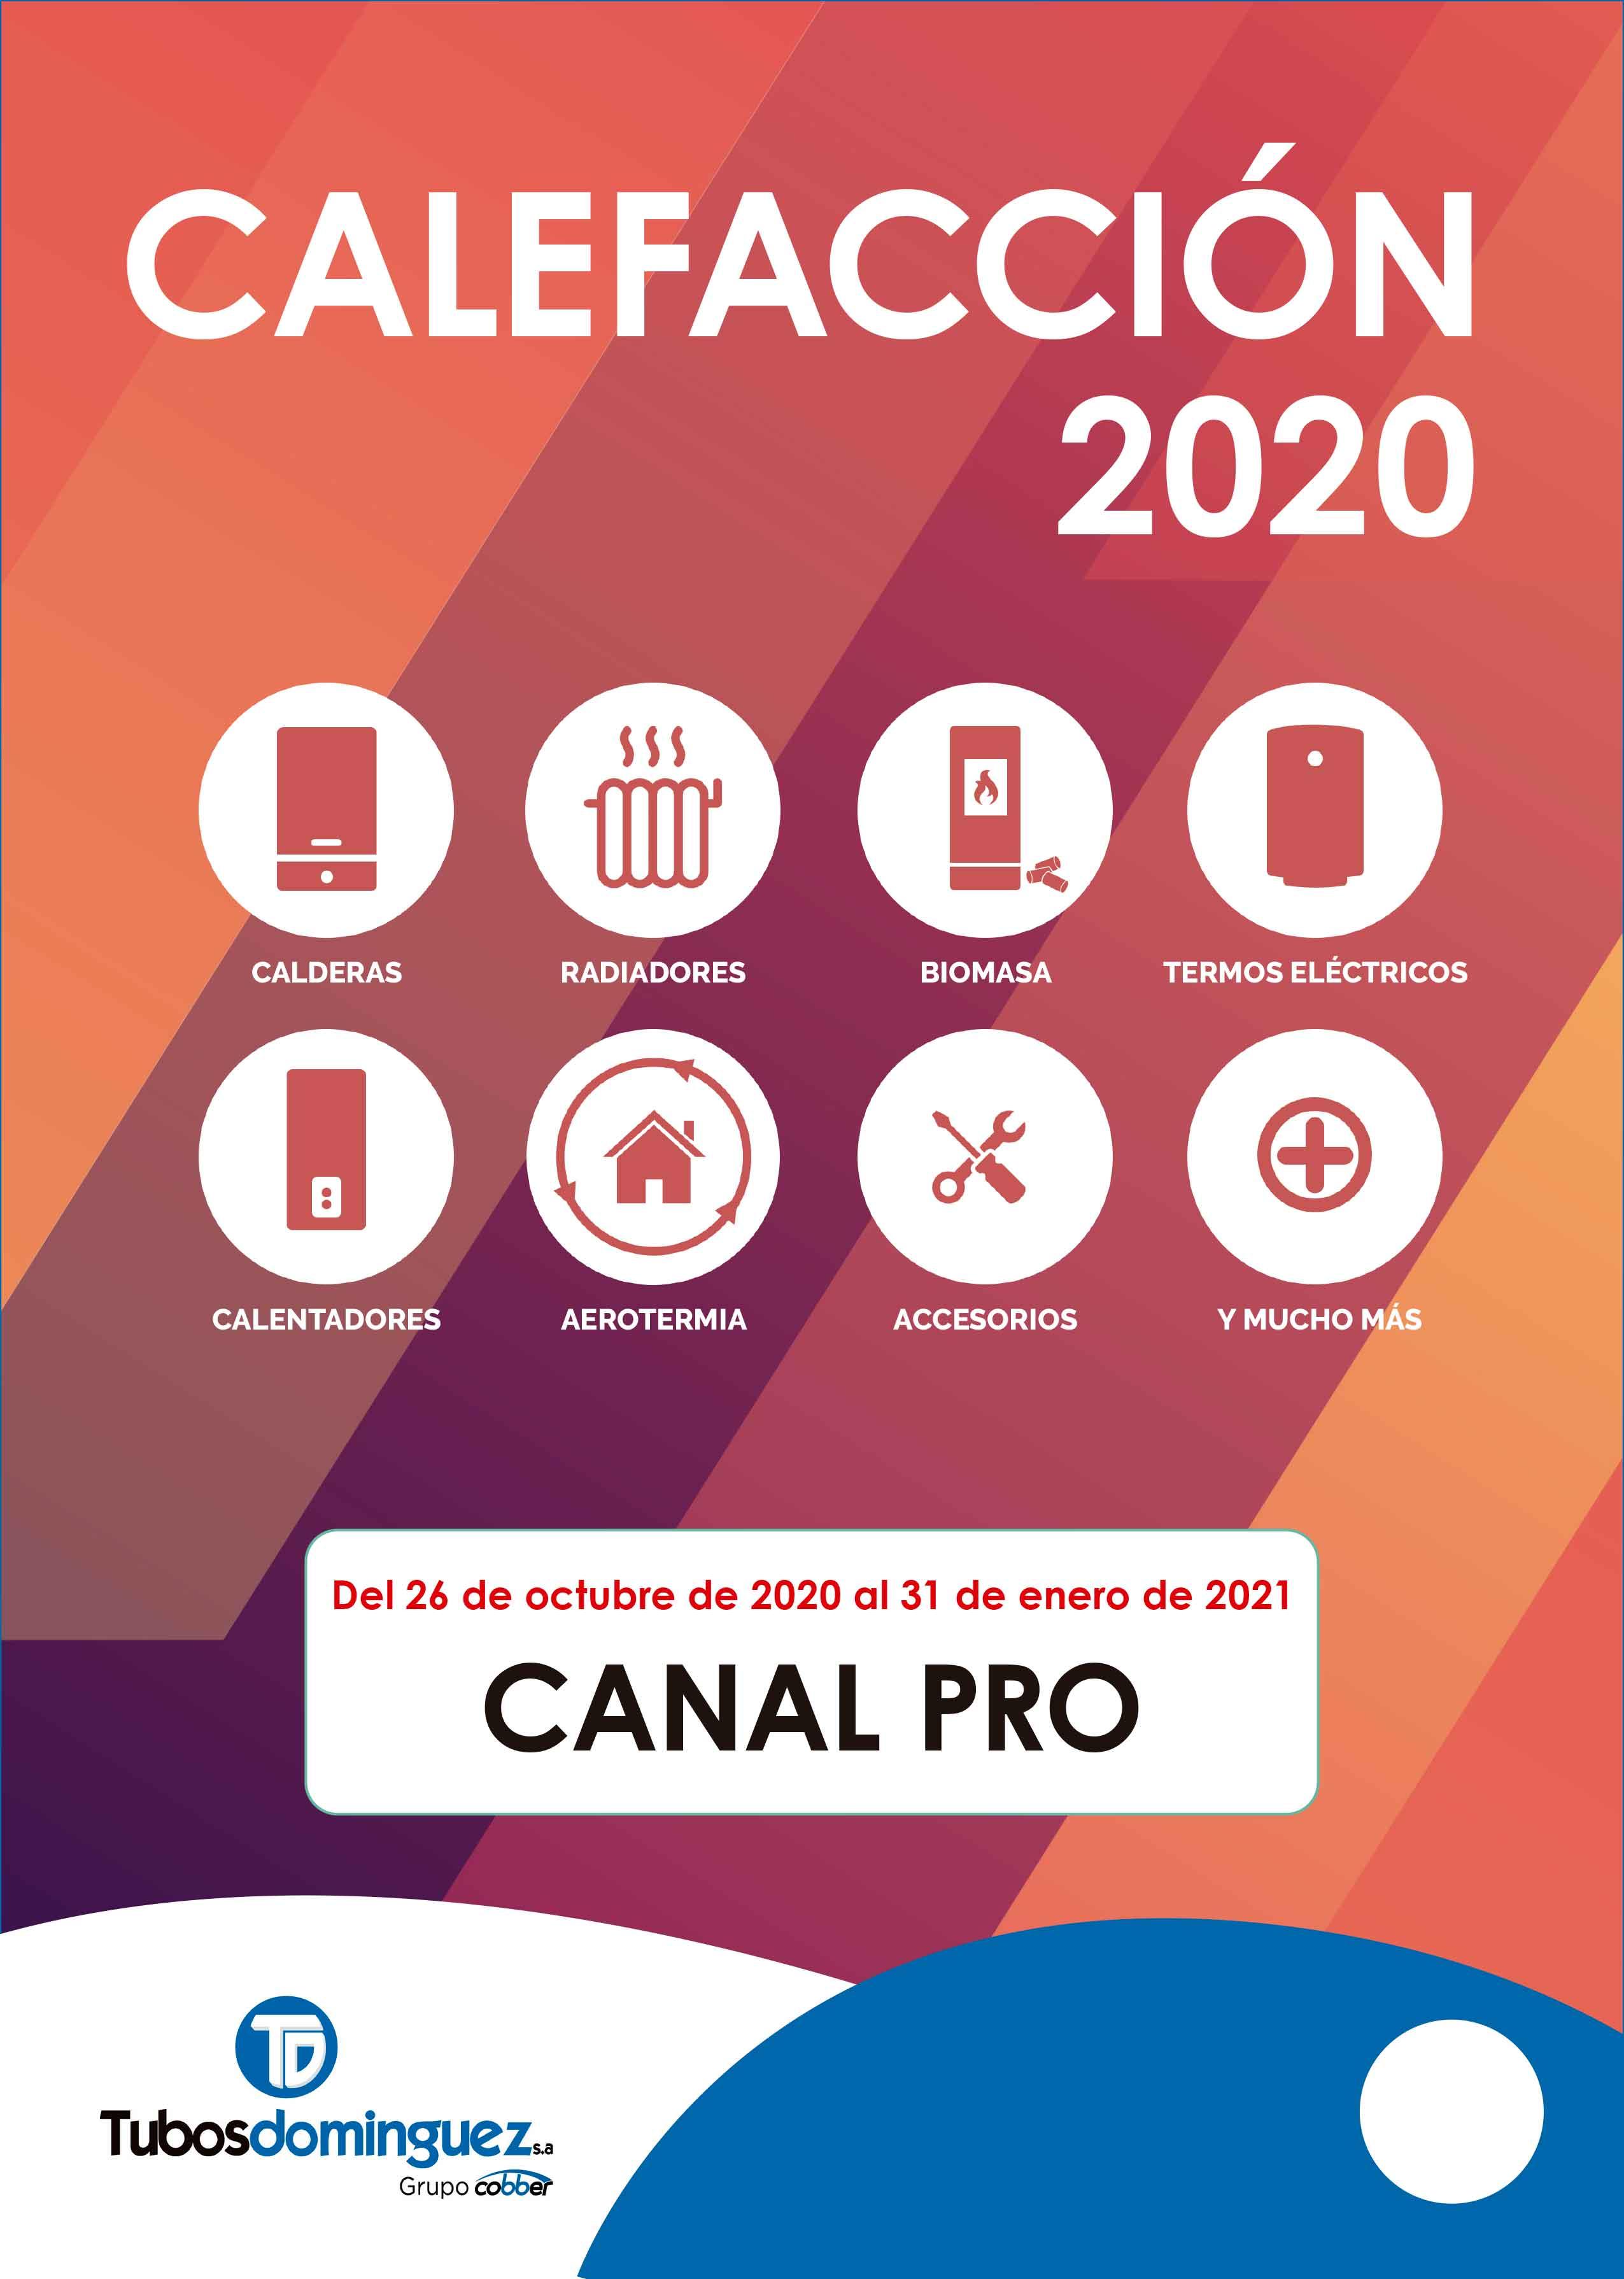 Catálogo de calefacción Tubos Domínguez 2020/2021